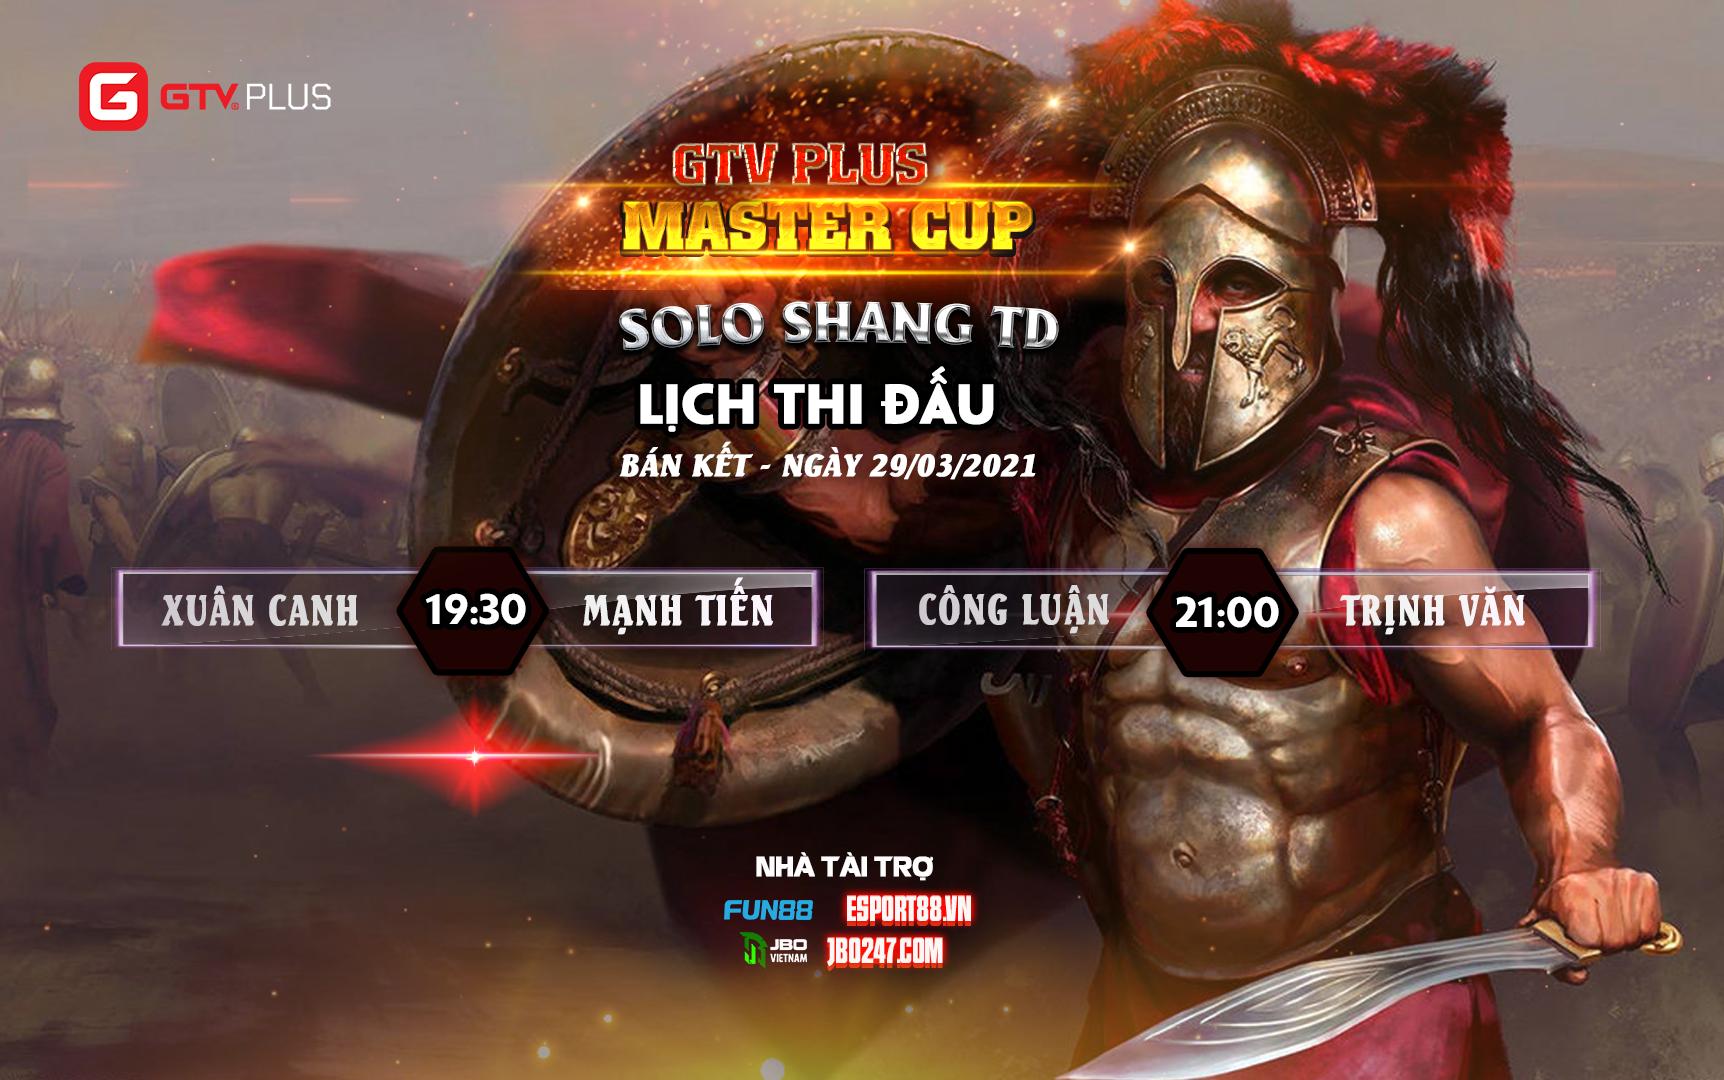 Lịch thi đấu ngày thi đấu ngày 29 tháng 3 Giải đấu GTV Plus Master Cup 2021